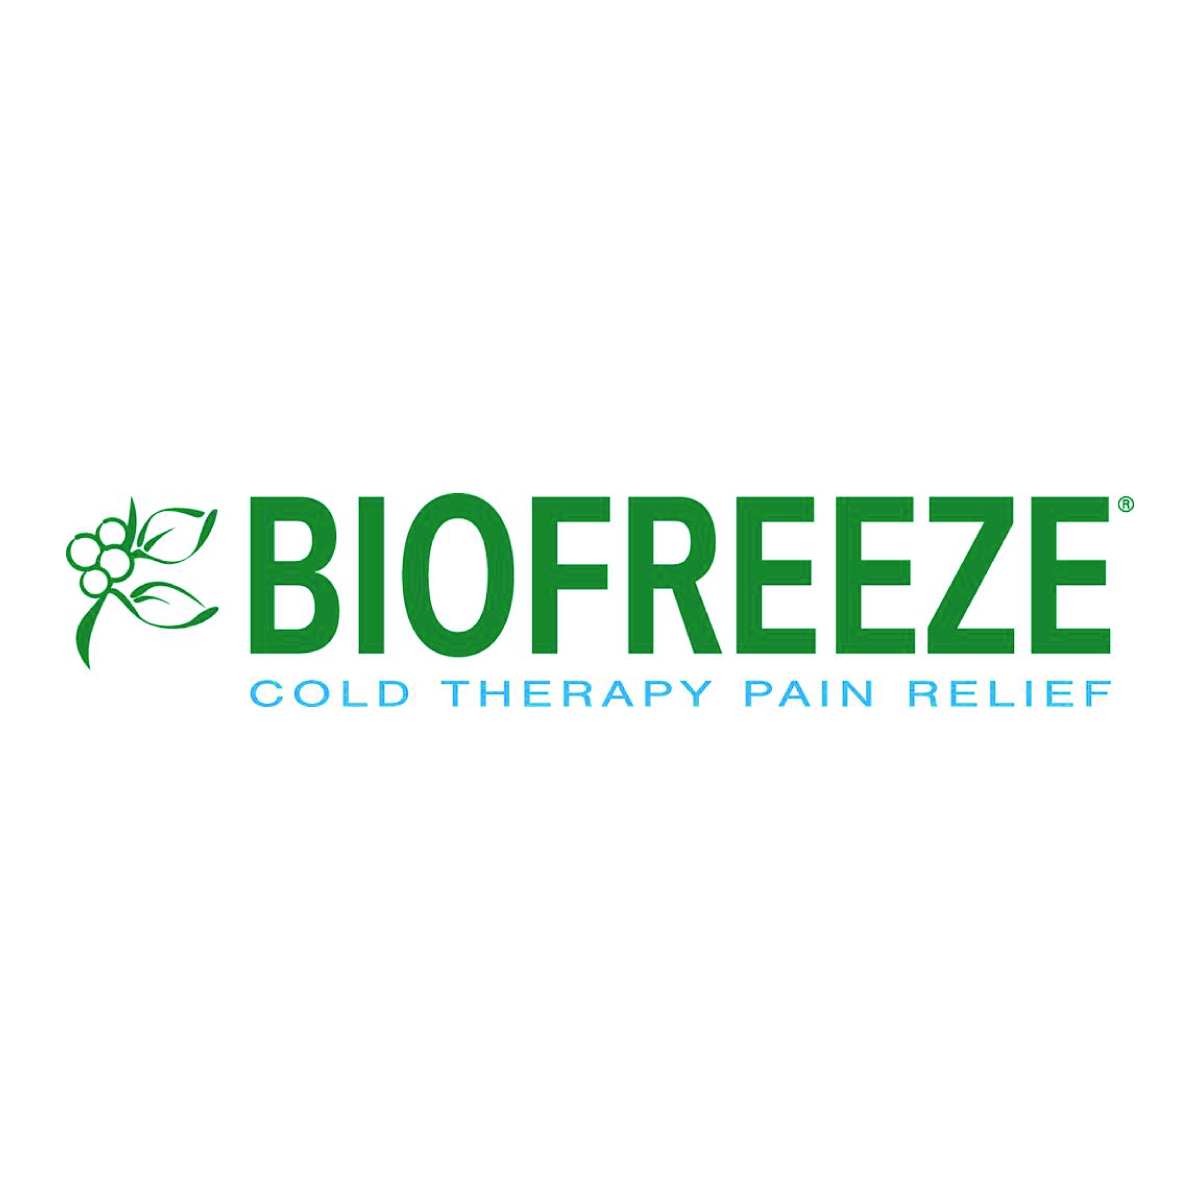 biofreeze.jpg